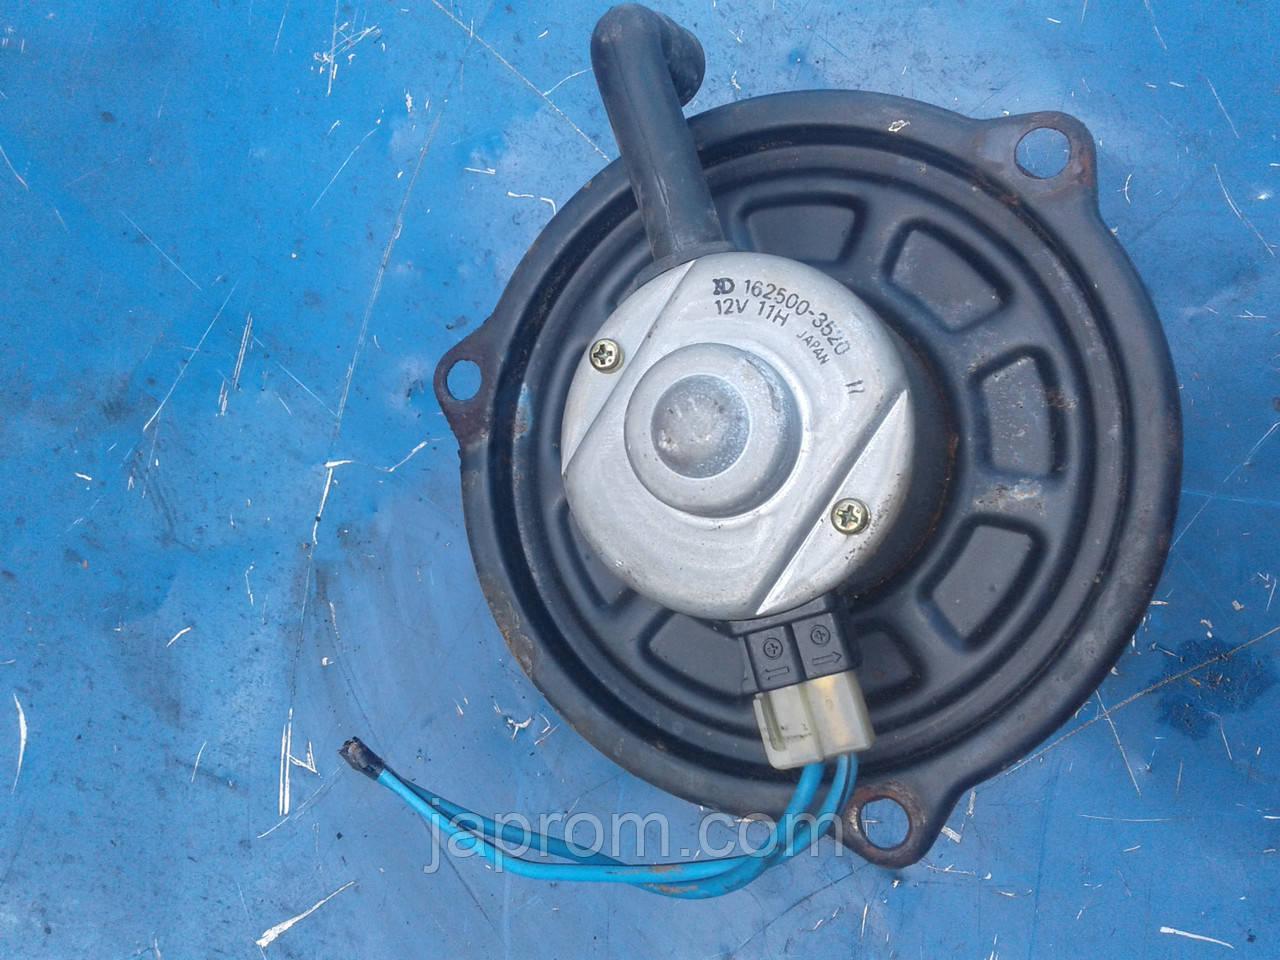 Моторчик печки мотор вентилятор печки отопителя Mazda 626 GD 1987-1991г.в.